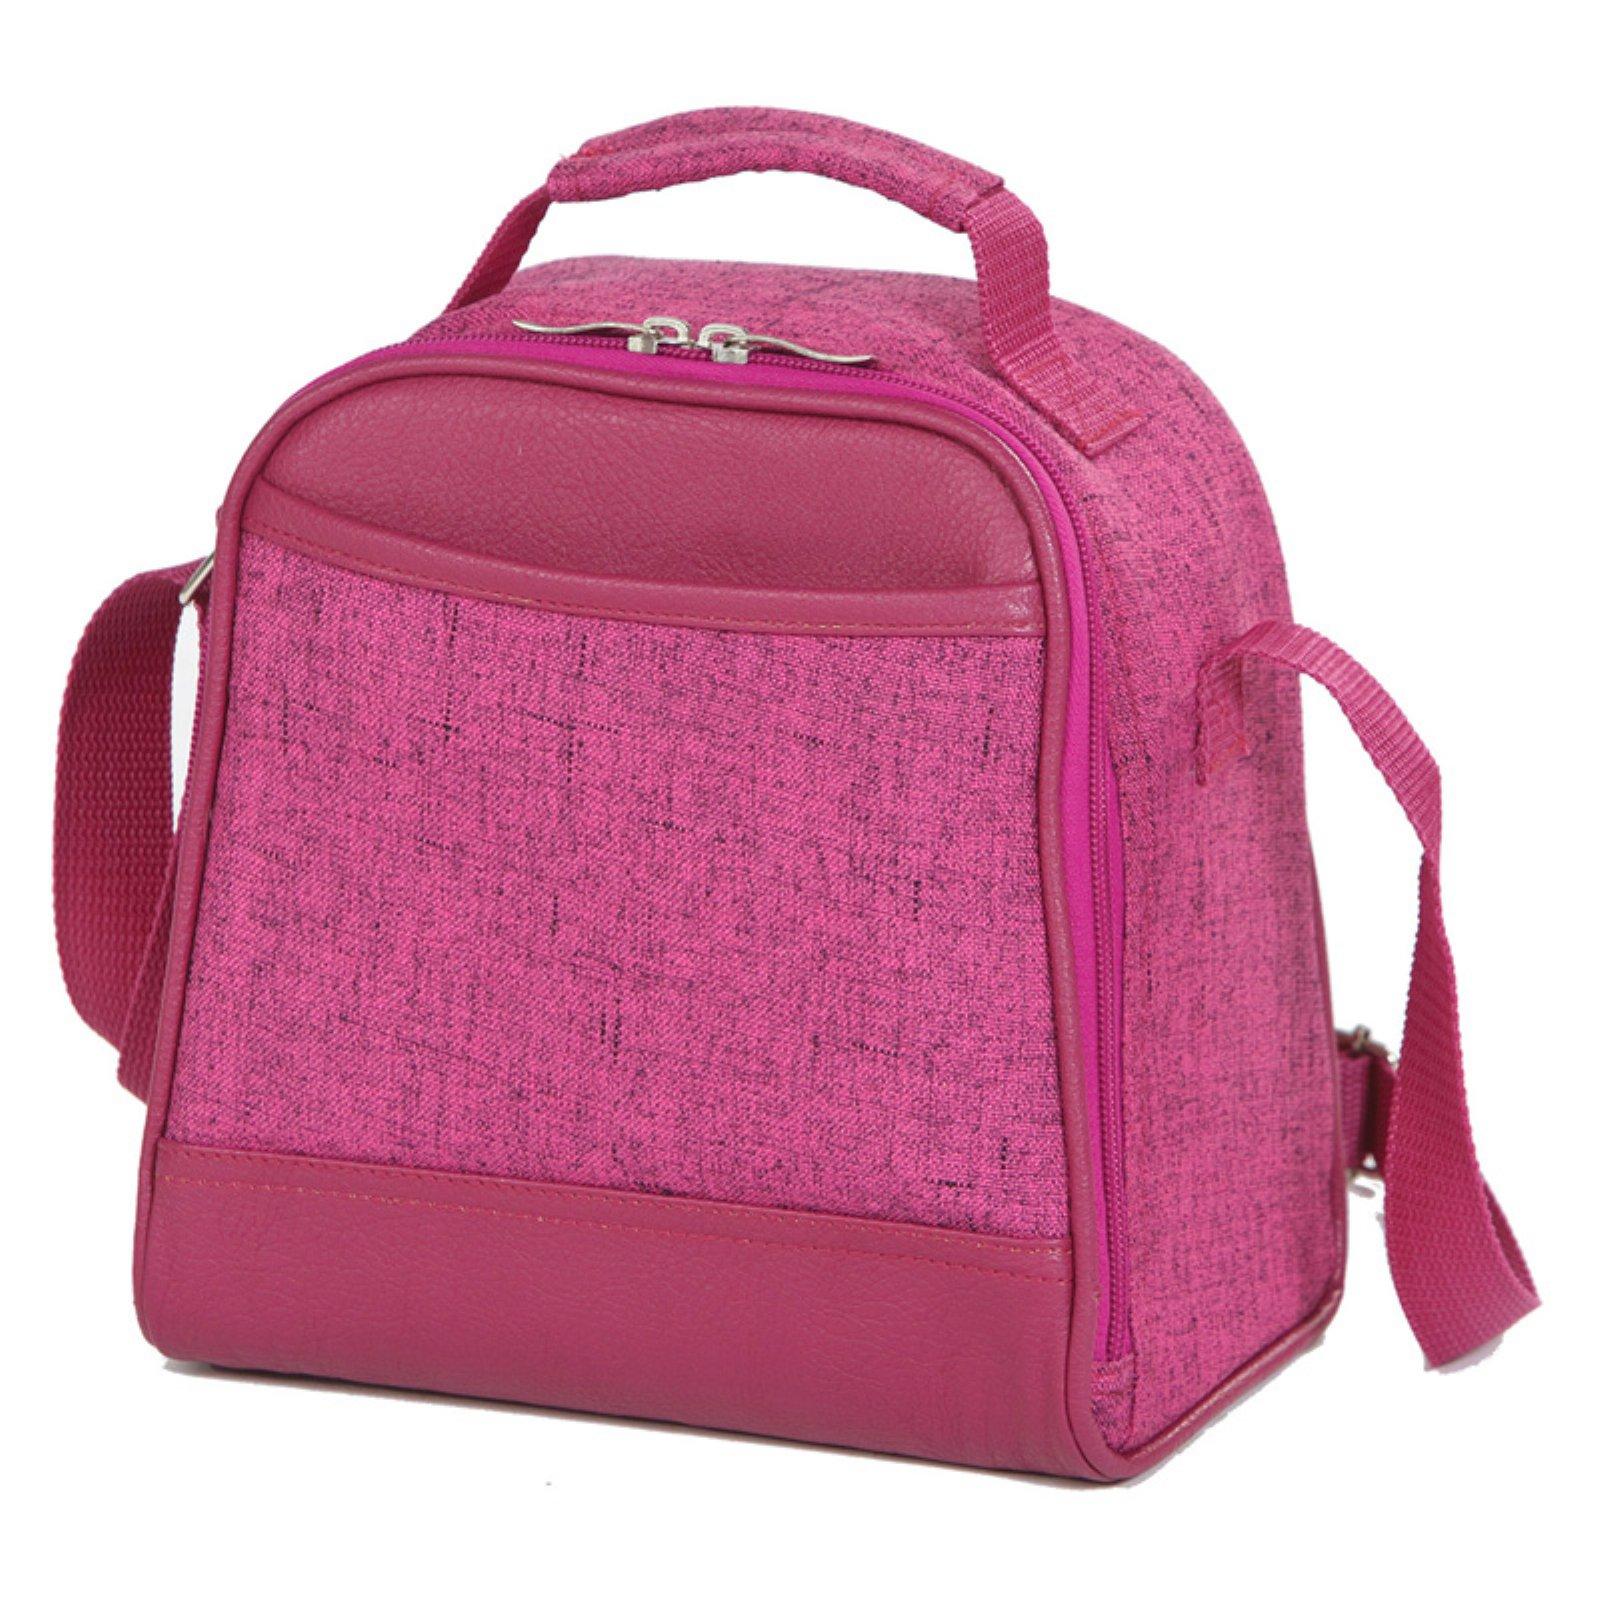 Picnic Plus Cache Lunch Bag